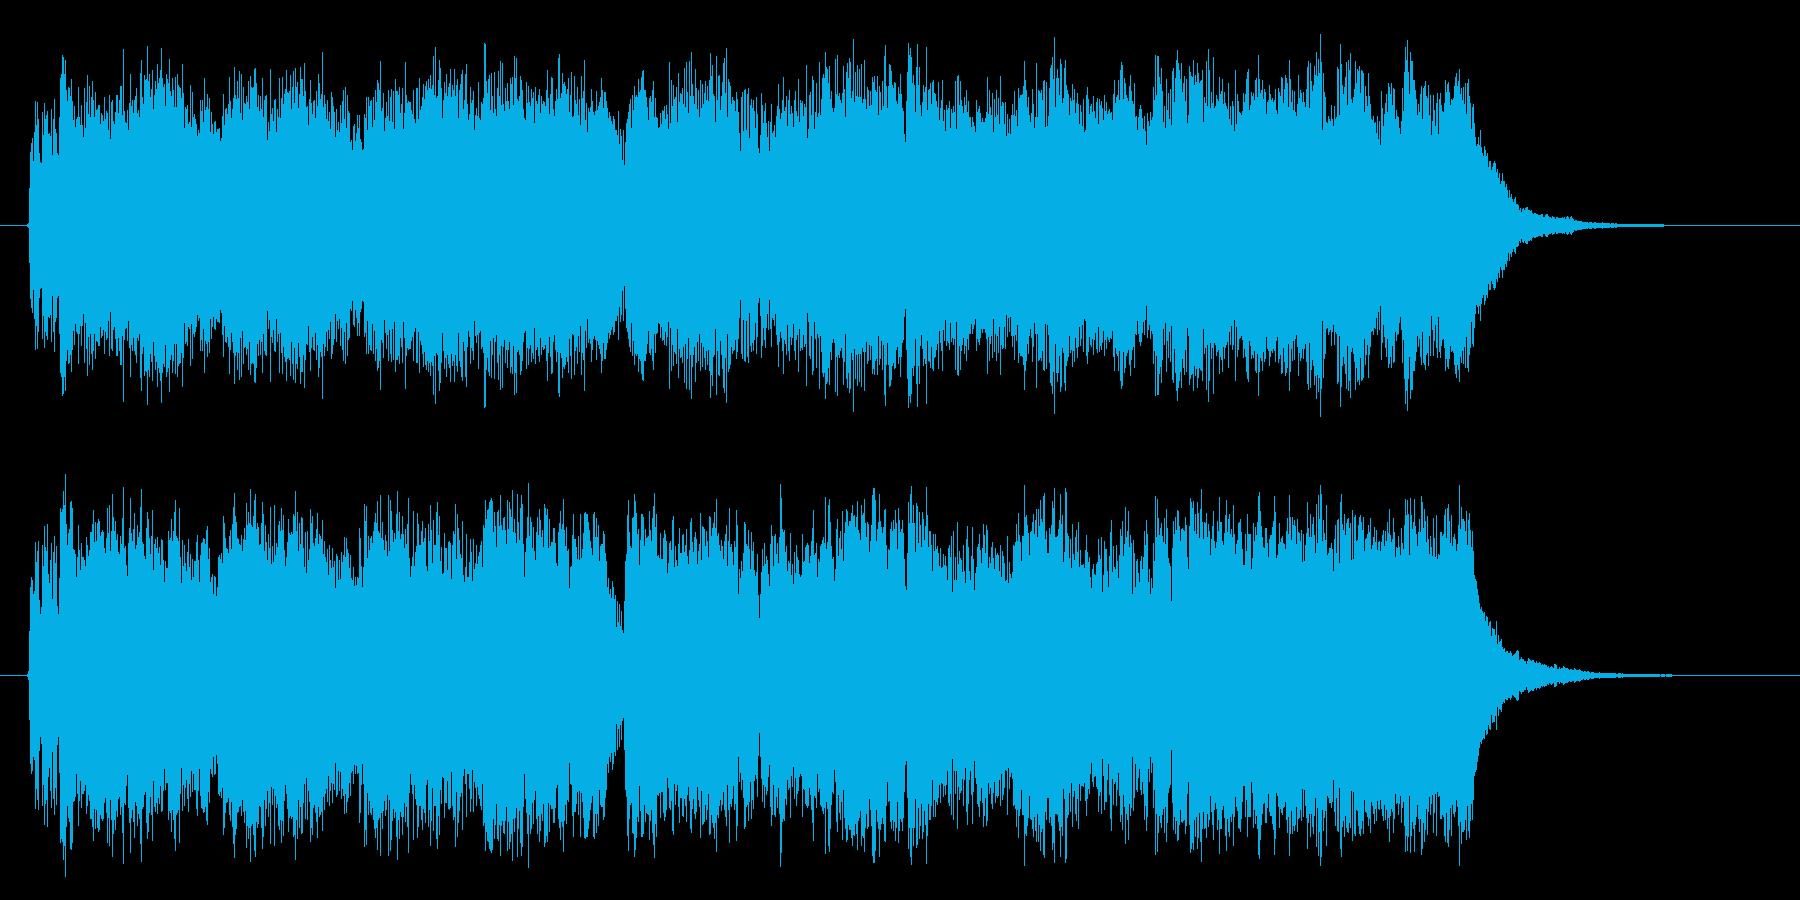 シンセサイザーによる壮大な曲の再生済みの波形